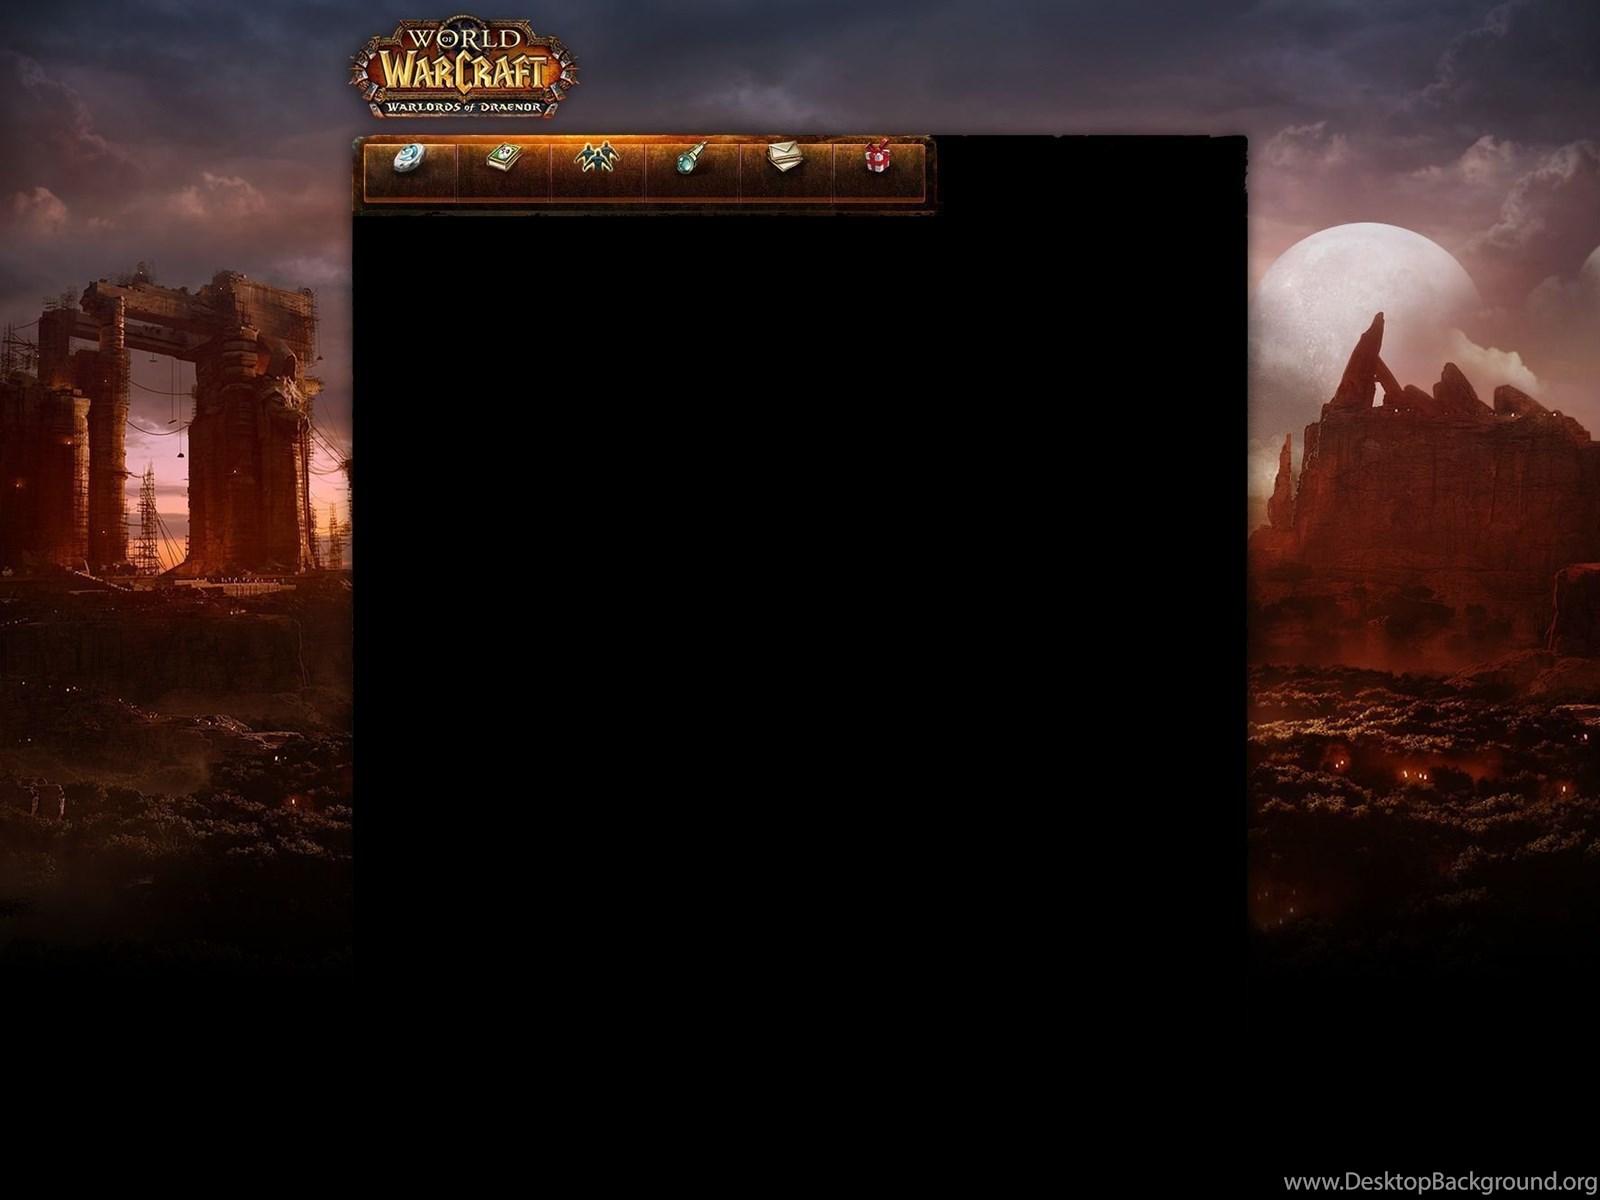 Official Website Backgrounds Forums World Of Warcraft Desktop Background